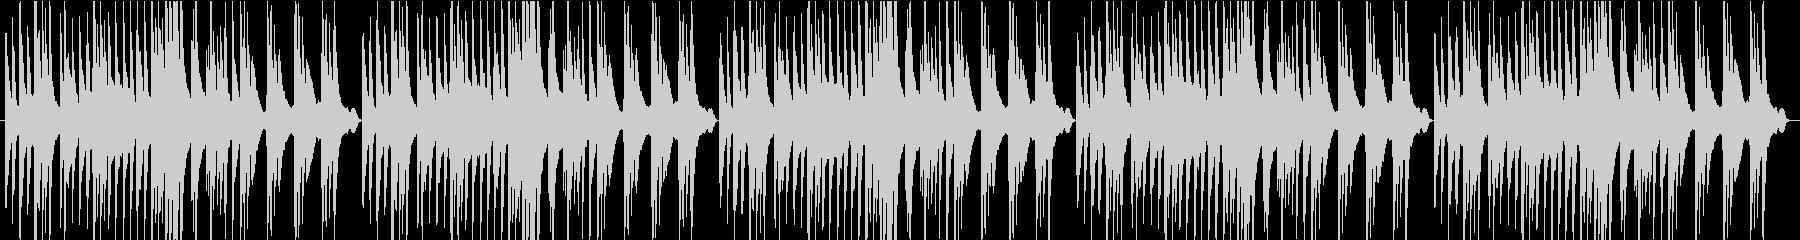 切なく優しいピアノの未再生の波形